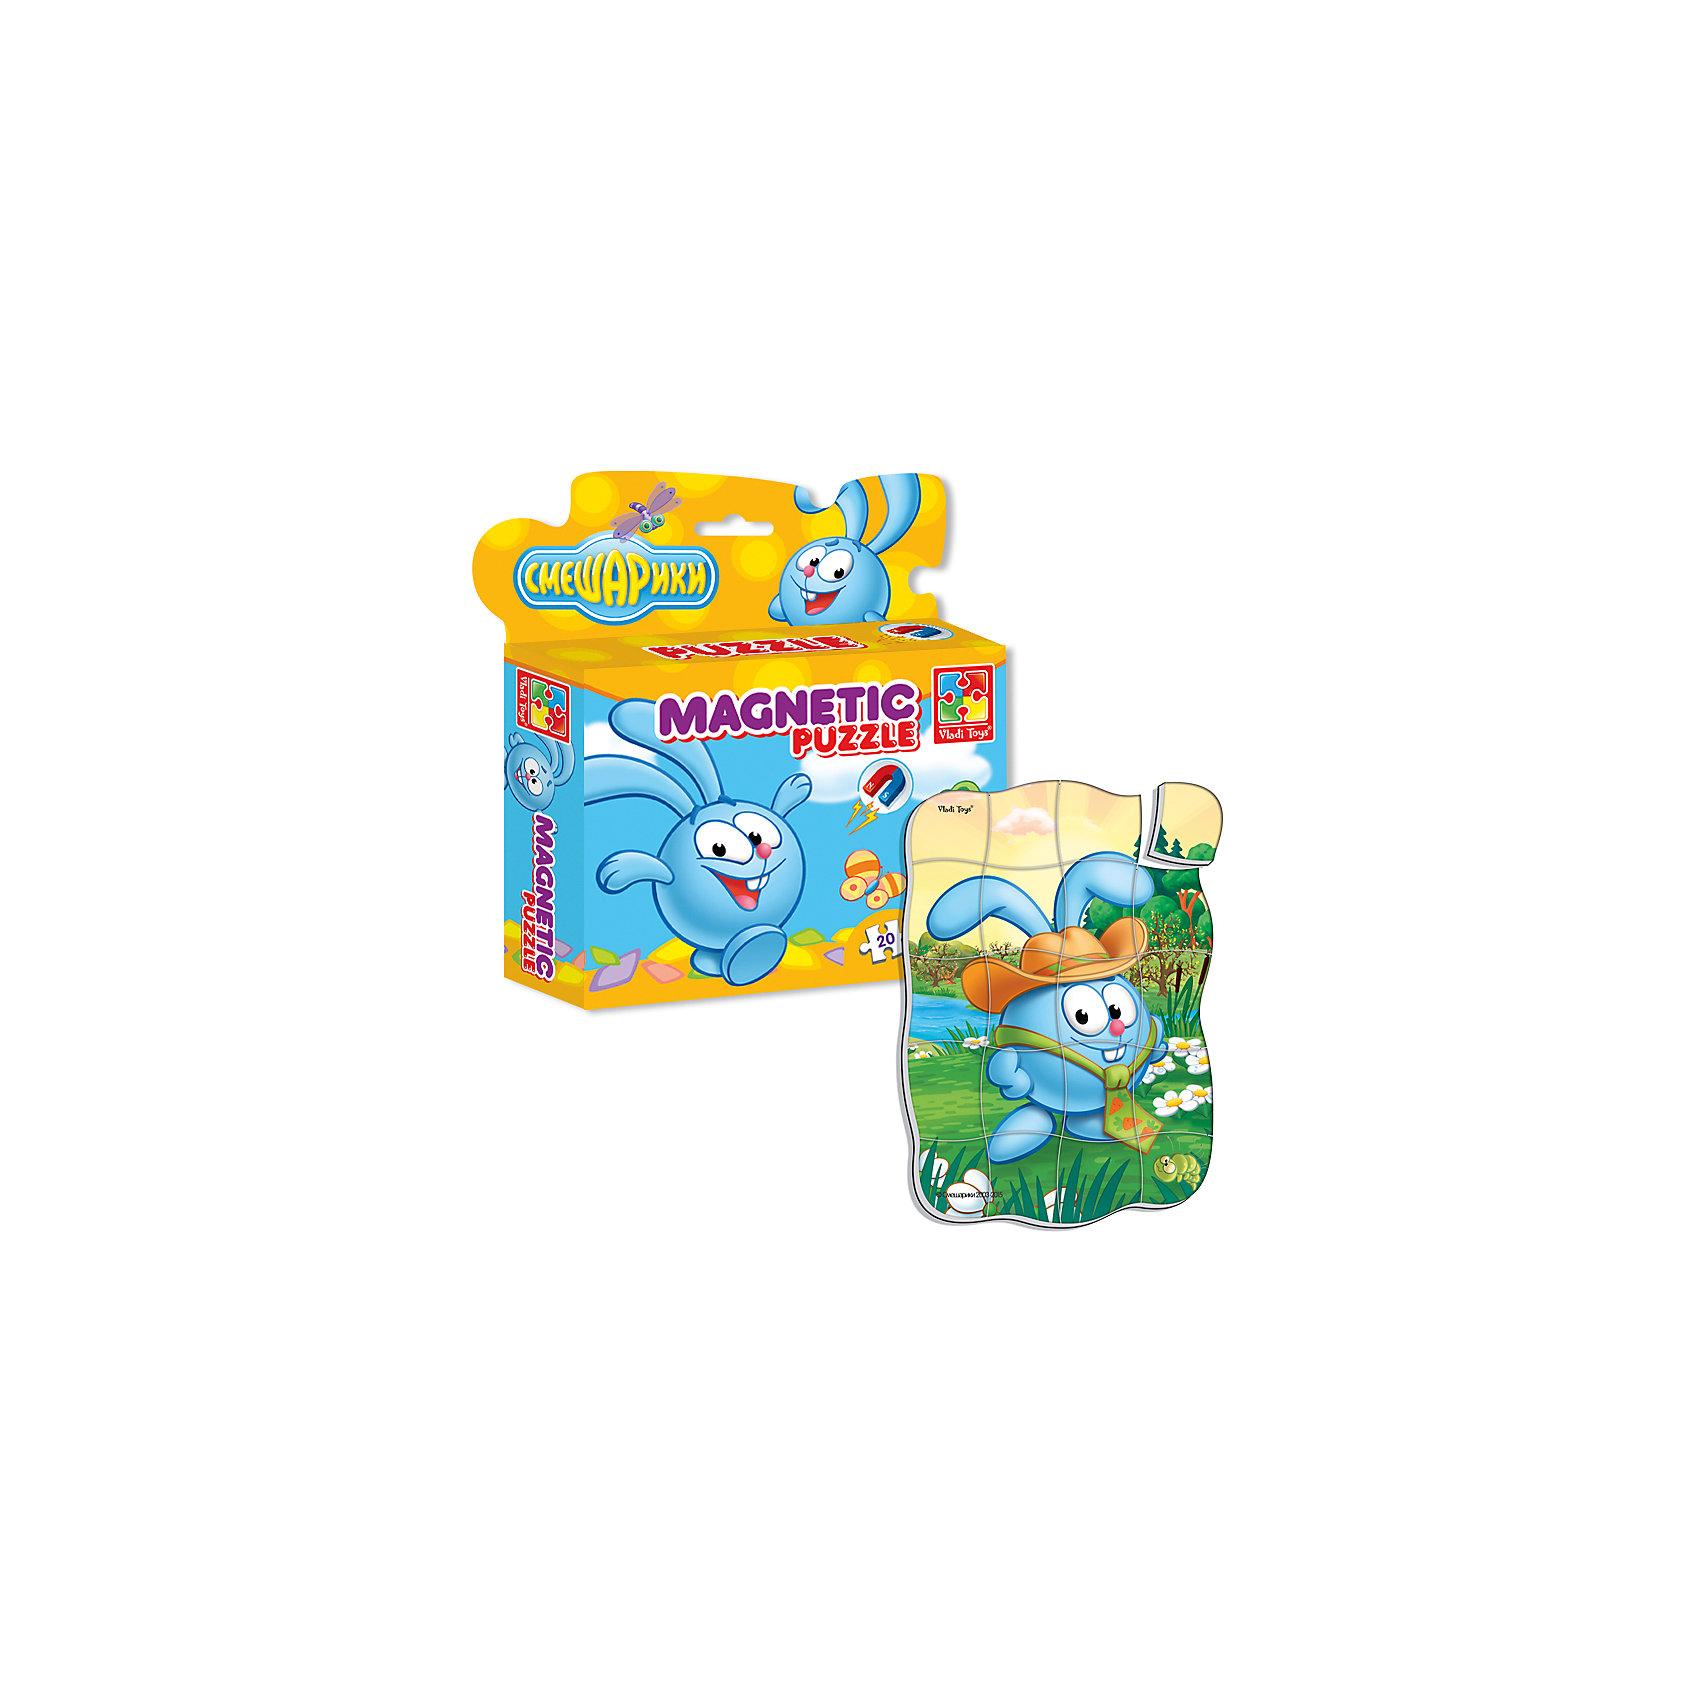 Магнитные фигурные пазлы Крош, Смешарики, Vladi ToysПазлы для малышей<br>Характеристики:<br><br>• Вид игр: развивающие<br>• Серия: пазлы-магниты<br>• Пол: универсальный<br>• Материал: полимер, картон, магнит<br>• Цвет:голубой, белый, зеленый, коричневый и др.<br>• Комплектация: 1 пазл из 20-ти элементов<br>• Размеры (Д*Ш*В): 16,5*4*19,5 см<br>• Тип упаковки: картонная коробка <br>• Вес: 94 г<br><br>Пазлы на магните Крош, Смешарики, Vladi Toys, производителем которых является компания, специализирующаяся на выпуске развивающих игр, давно уже стали популярными среди аналогичной продукции. Мягкие пазлы – идеальное решение для развивающих занятий с самыми маленькими детьми, так как они разделены на большие элементы с крупными изображениями, чаще всего в качестве картинок используются герои популярных мультсериалов. Самое важное в пазле для малышей – это минимум деталей и безопасность элементов. Все используемые в производстве материалы являются экологически безопасными, не вызывают аллергии, не имеют запаха. Пазлы на магните Крош, Смешарики, Vladi Toys представляет собой сюжетную картинку, которая состоит из 20-и магнитных элементов с изображением Кроша в шляпе. <br>Занятия с мягкими пазлами от Vladi Toys способствуют развитию не только мелкой моторики, но и внимательности, усидчивости, терпению при достижении цели. Кроме того, по собранной картинке можно составлять рассказ, что позволит развивать речевые навыки, память и воображение.<br><br>Пазлы на магните Крош, Смешарики, Vladi Toys можно купить в нашем интернет-магазине.<br><br>Ширина мм: 165<br>Глубина мм: 45<br>Высота мм: 195<br>Вес г: 94<br>Возраст от месяцев: 24<br>Возраст до месяцев: 60<br>Пол: Унисекс<br>Возраст: Детский<br>SKU: 5136092